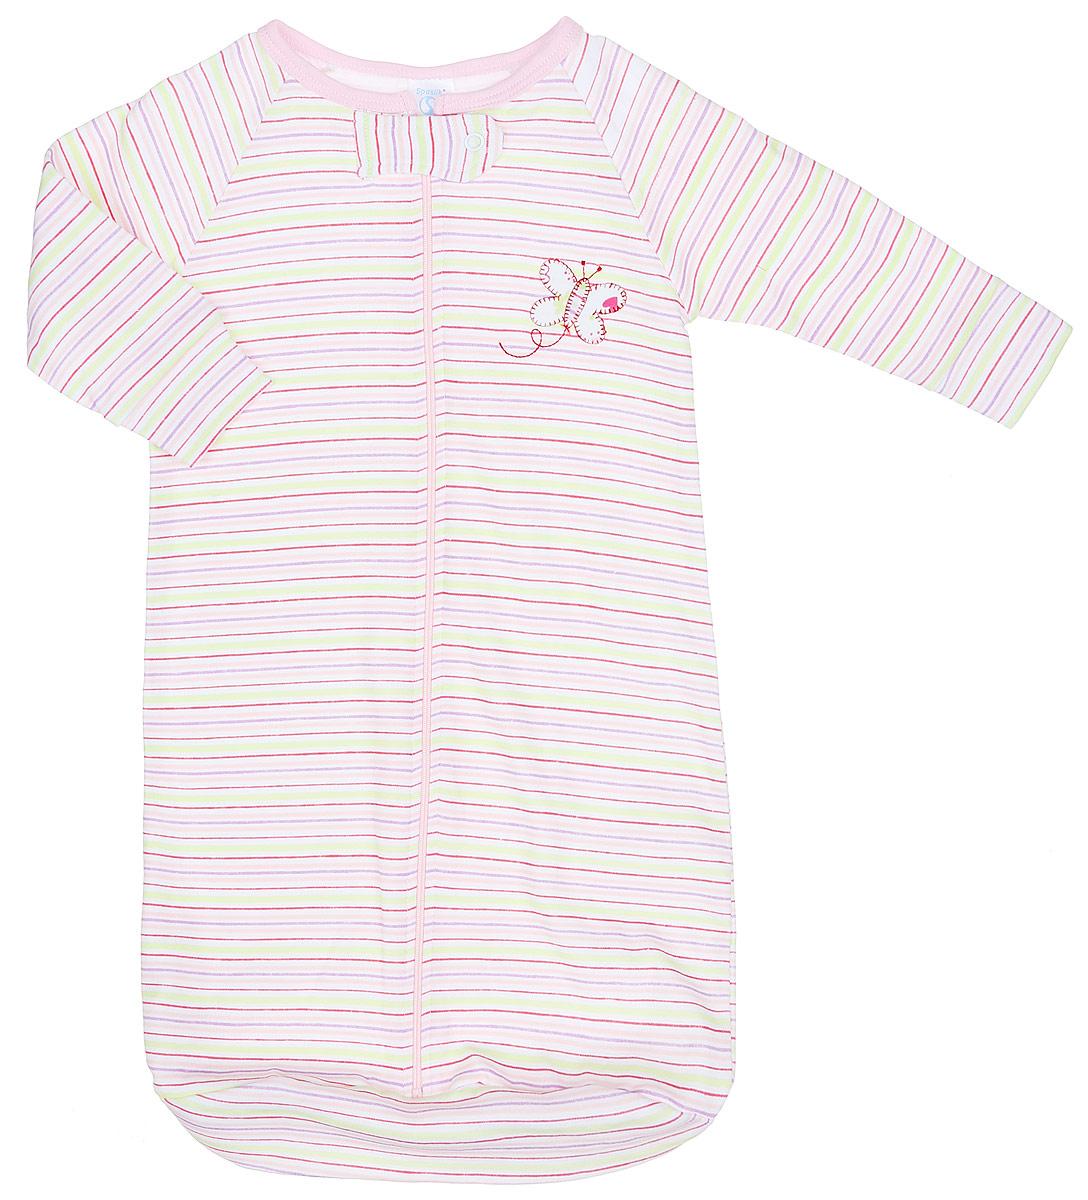 Спальный мешок для новорожденныхSB A1SСпальный мешок для девочки Spasilk, изготовленный из натурального хлопка, необычайно мягкий и легкий, не раздражает нежную кожу ребенка и хорошо вентилируется, отлично впитывает влагу и не вызывает аллергии. Благодаря застежке-молнии по всей длине младенца легко поместить или вынуть из мешка. Сверху также имеется застежка-кнопка. На груди модель дополнена аппликацией в виде бабочки. Спальный мешок полностью соответствует особенностям жизни ребенка в ранний период, не стесняя и не ограничивая его в движениях!